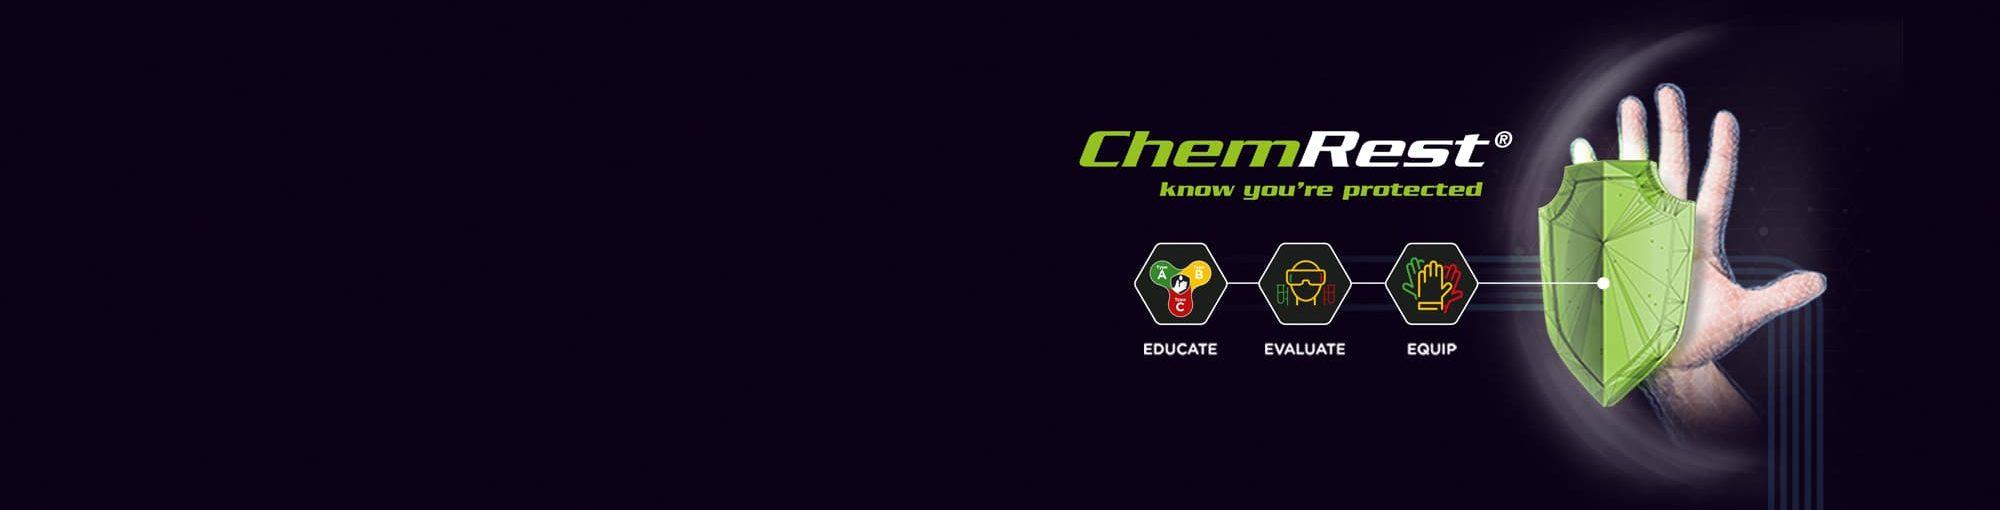 Showa_Chemrest_banner_homepage_v1.0_ENG